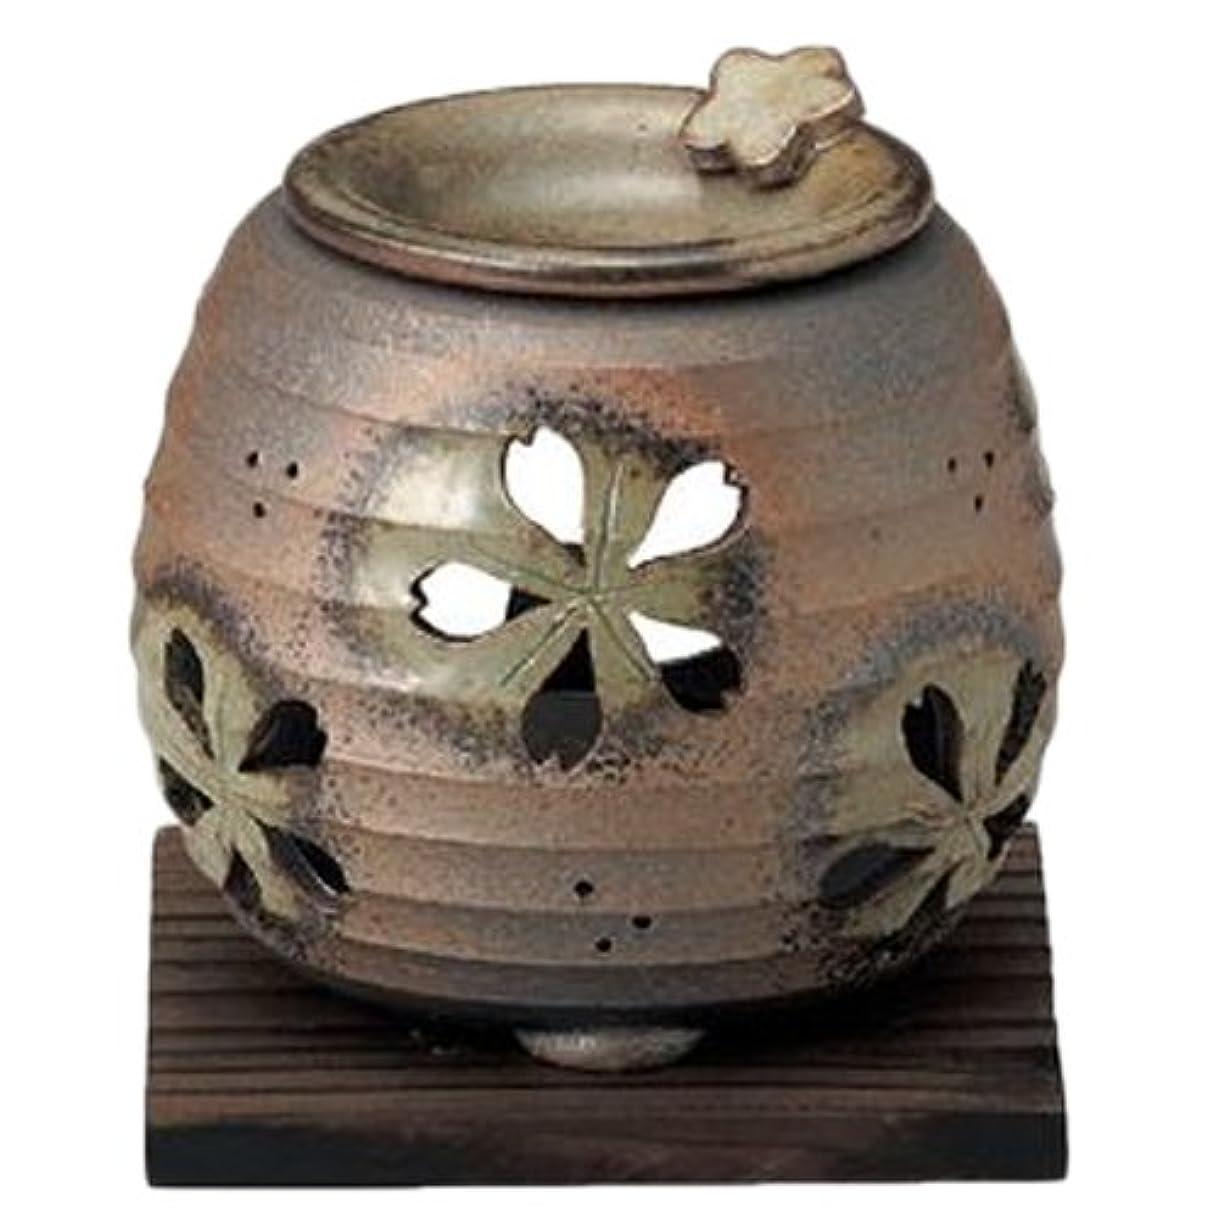 ピーブ発疹眼常滑焼6-249石龍 緑灰釉桜透かし茶香炉 AM-T1205